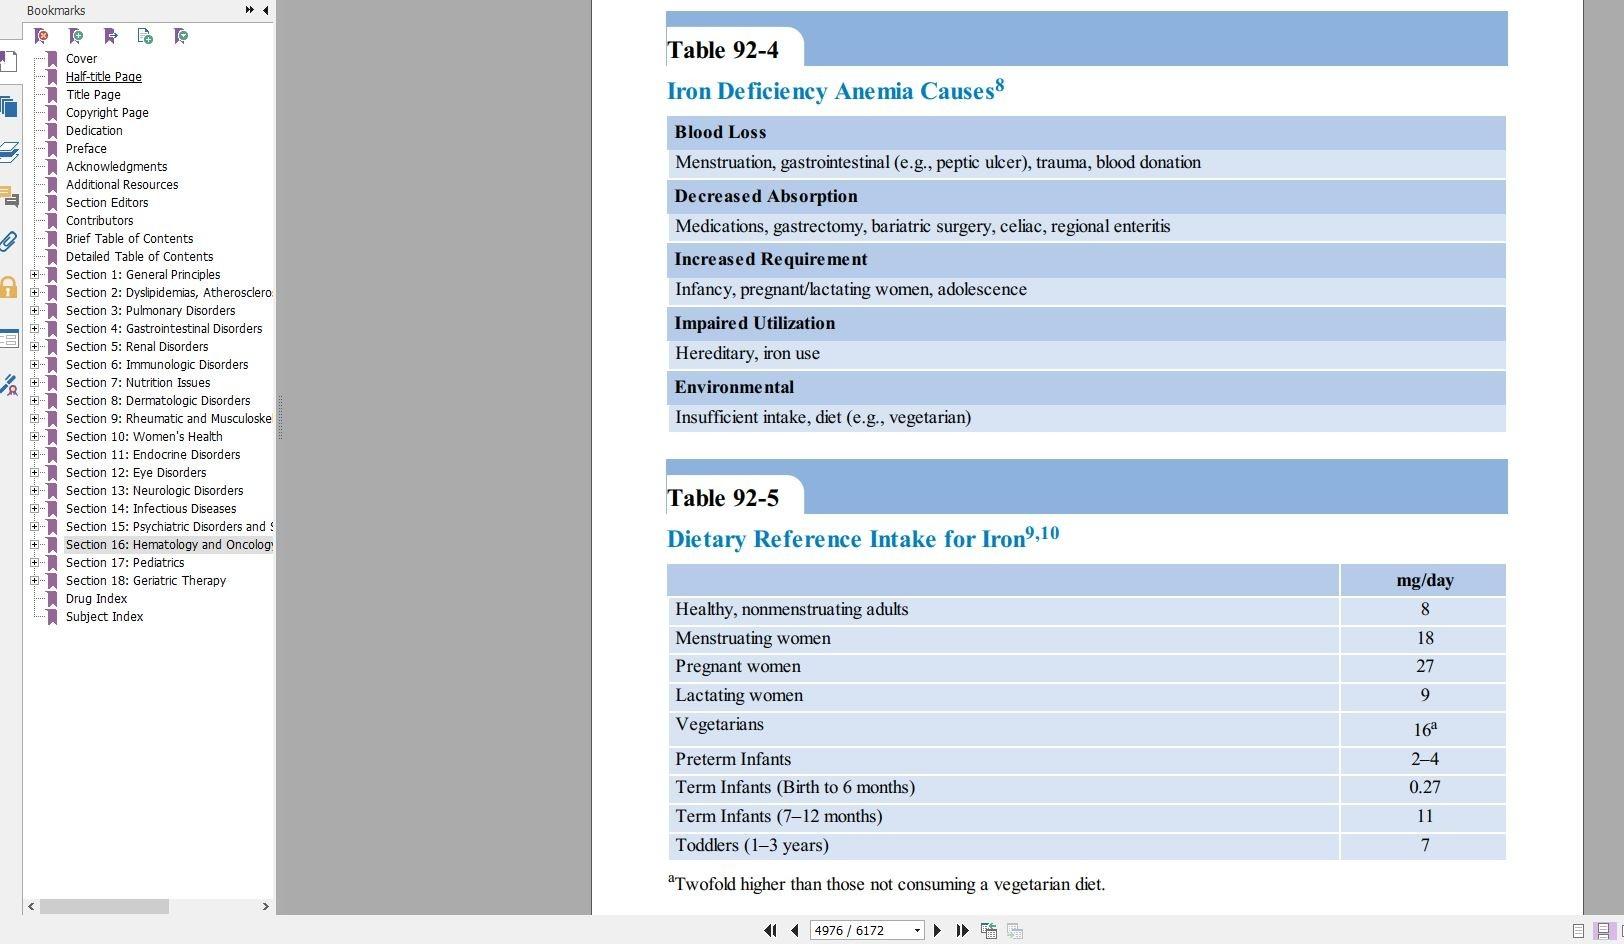 فروش ایبوک Applied Therapeutics 11 ed 2017 ایبوک اپلاید تراپوتیک دانلود کتاب درمان کاربردی خرید کتاب Applied Therapeutics خرید کتابهای در زمینه داروشناسیگیگاپیپر